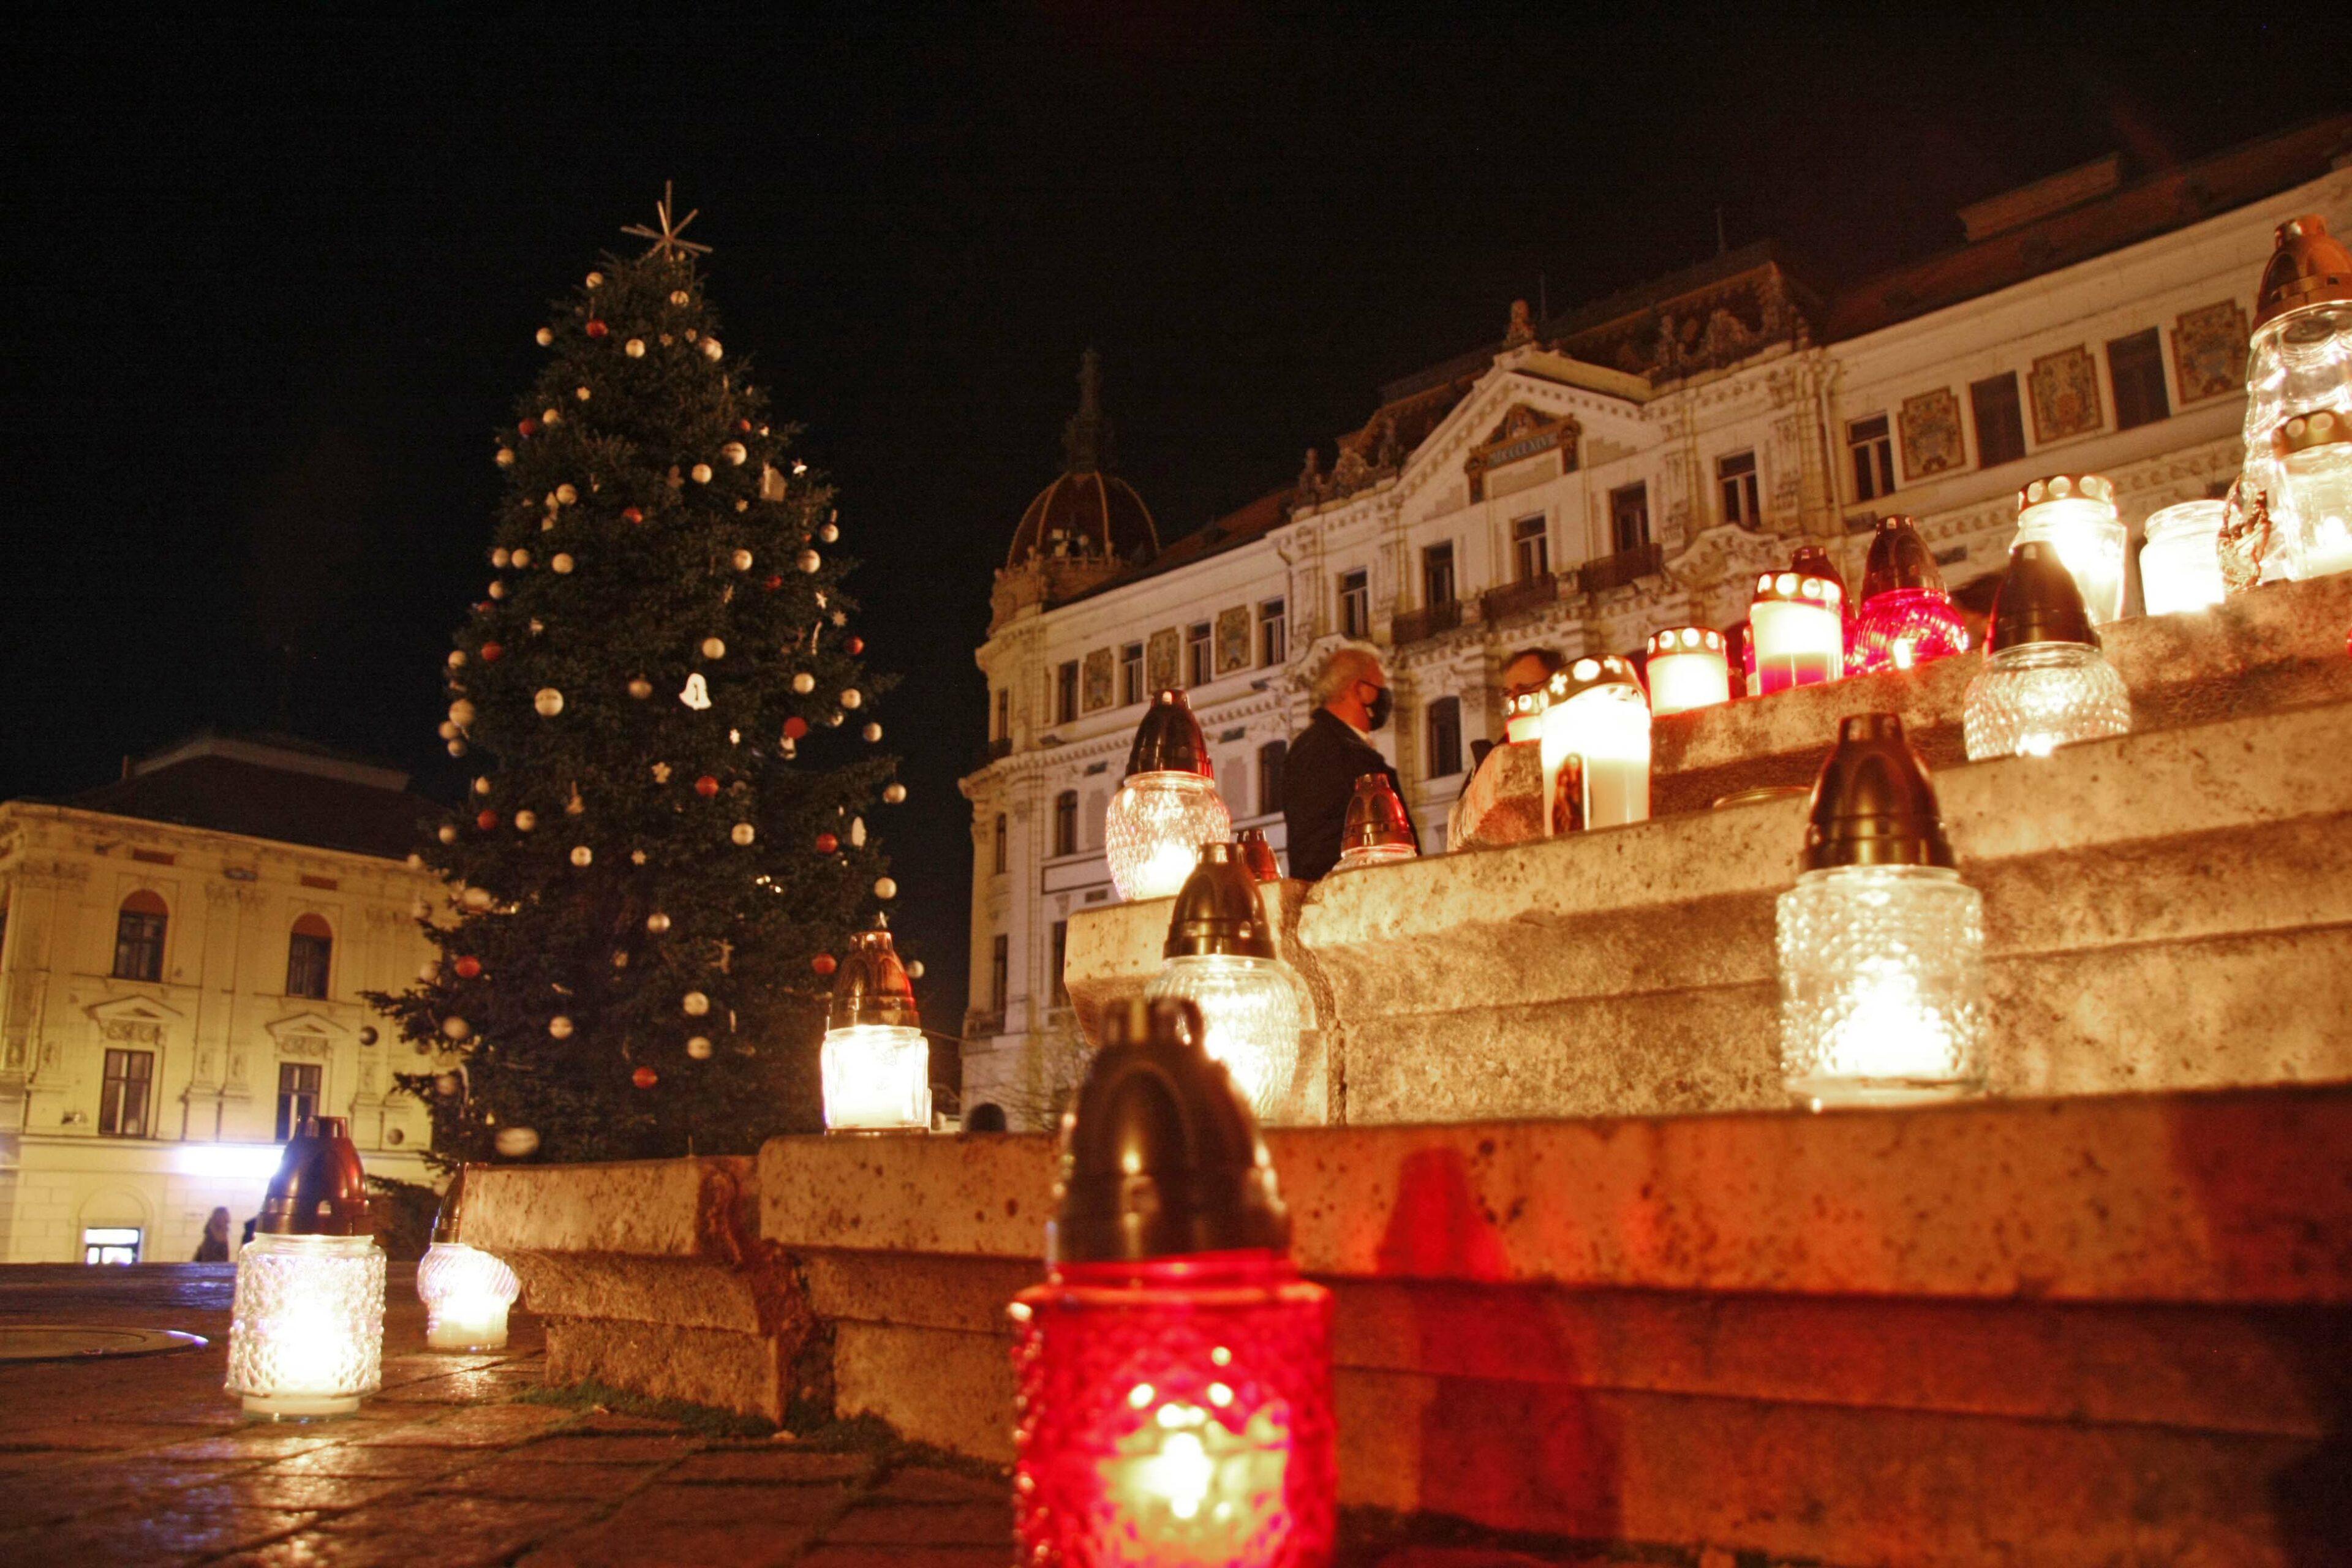 Ünnepi fényeket vittek a pécsiek a Mindenki Karácsonyfája alá! | Pécs Aktuál